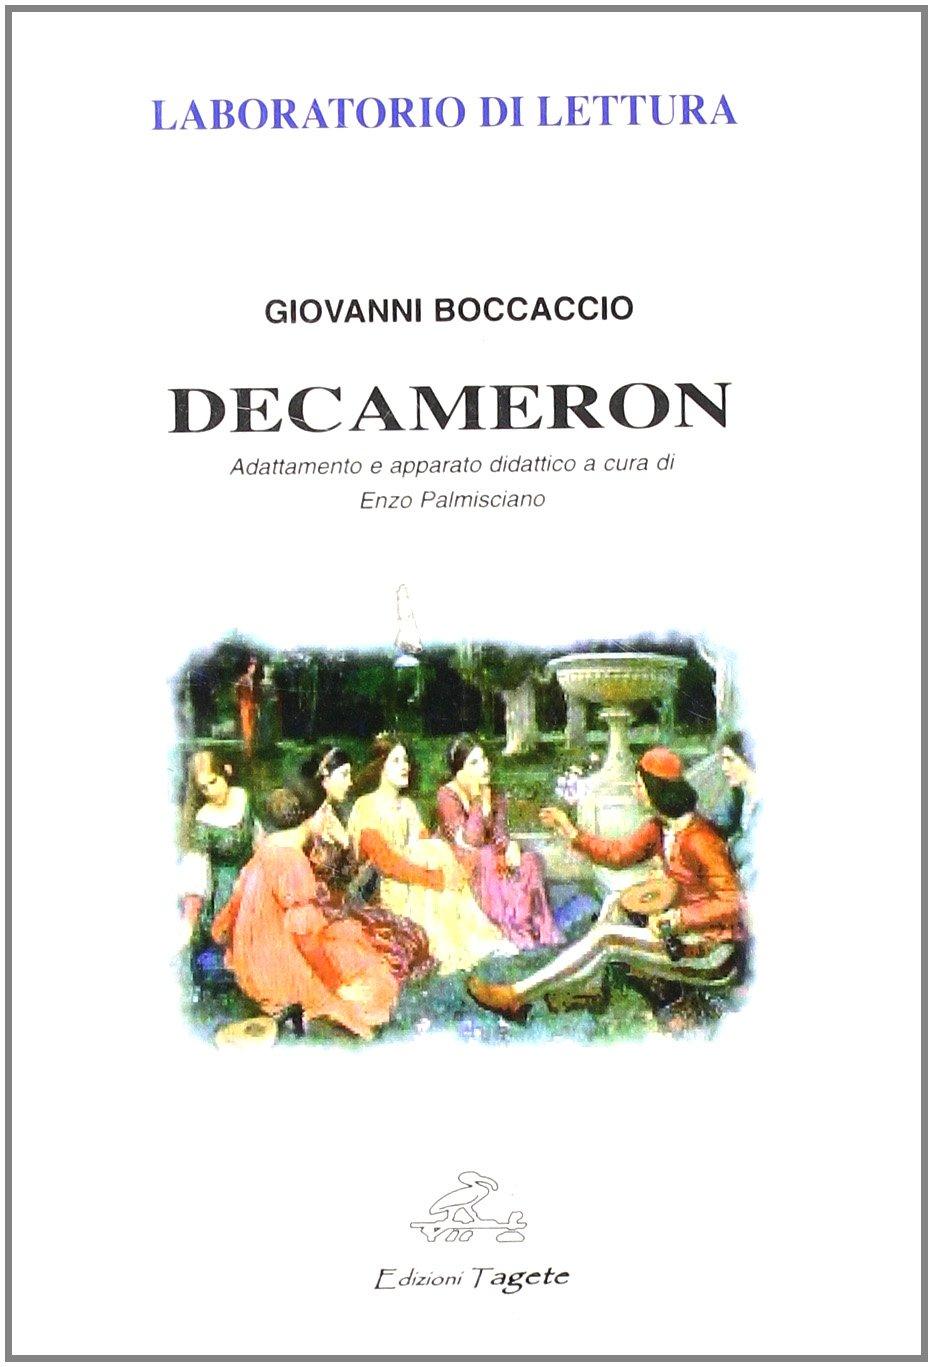 Decameron (Laboratorio di lettura)